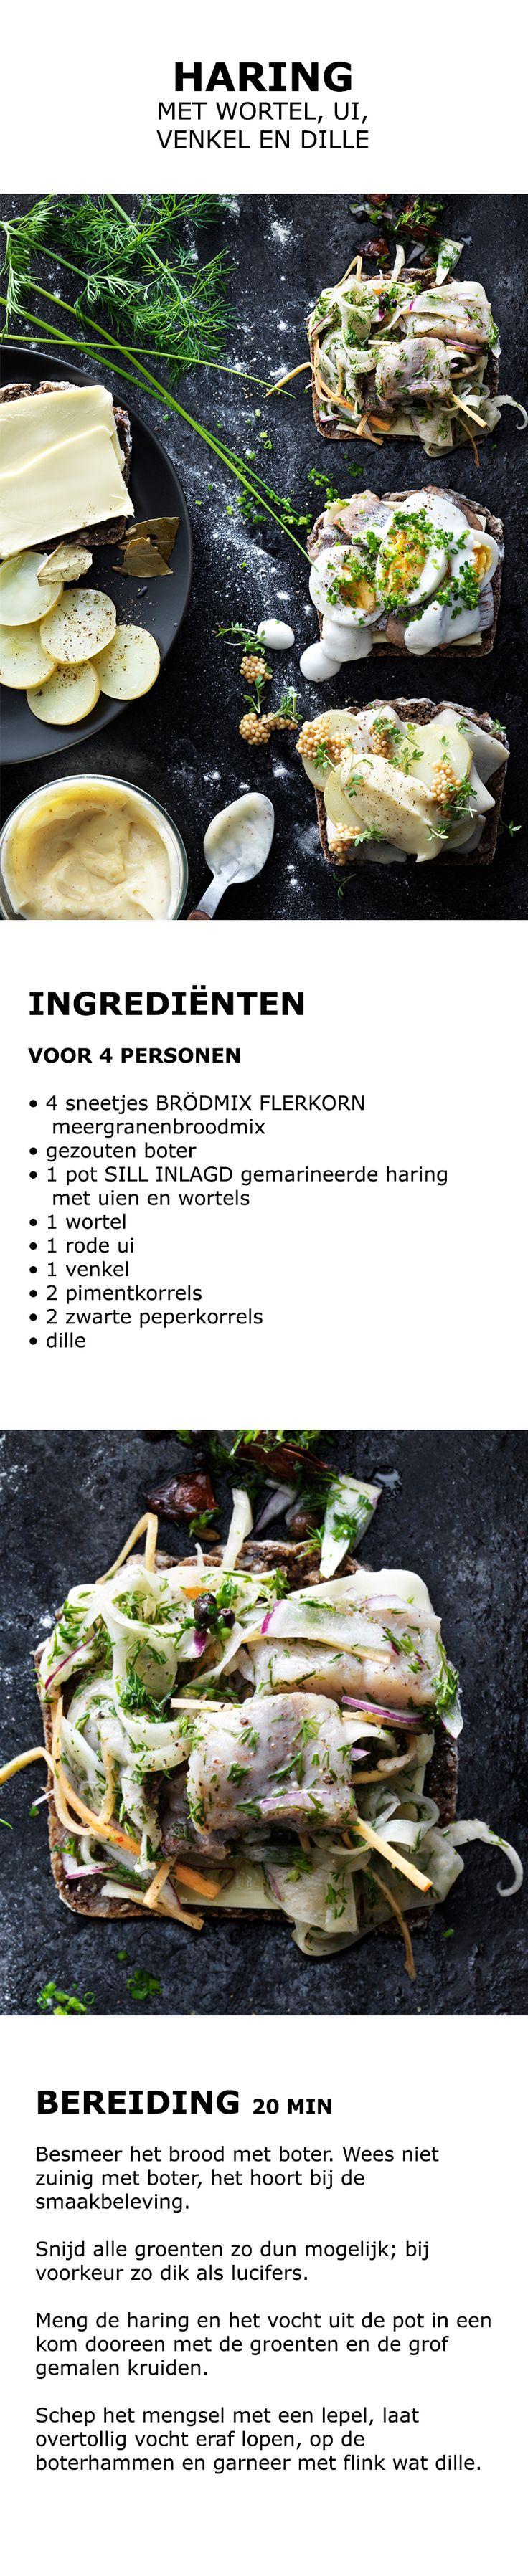 Inspiratie voor de feestdagen - Haring met wortel, ui, venkel en dille | IKEA IKEAnederland koken keuken recept herfst winter kerst diner lunch zweeds gerecht menu